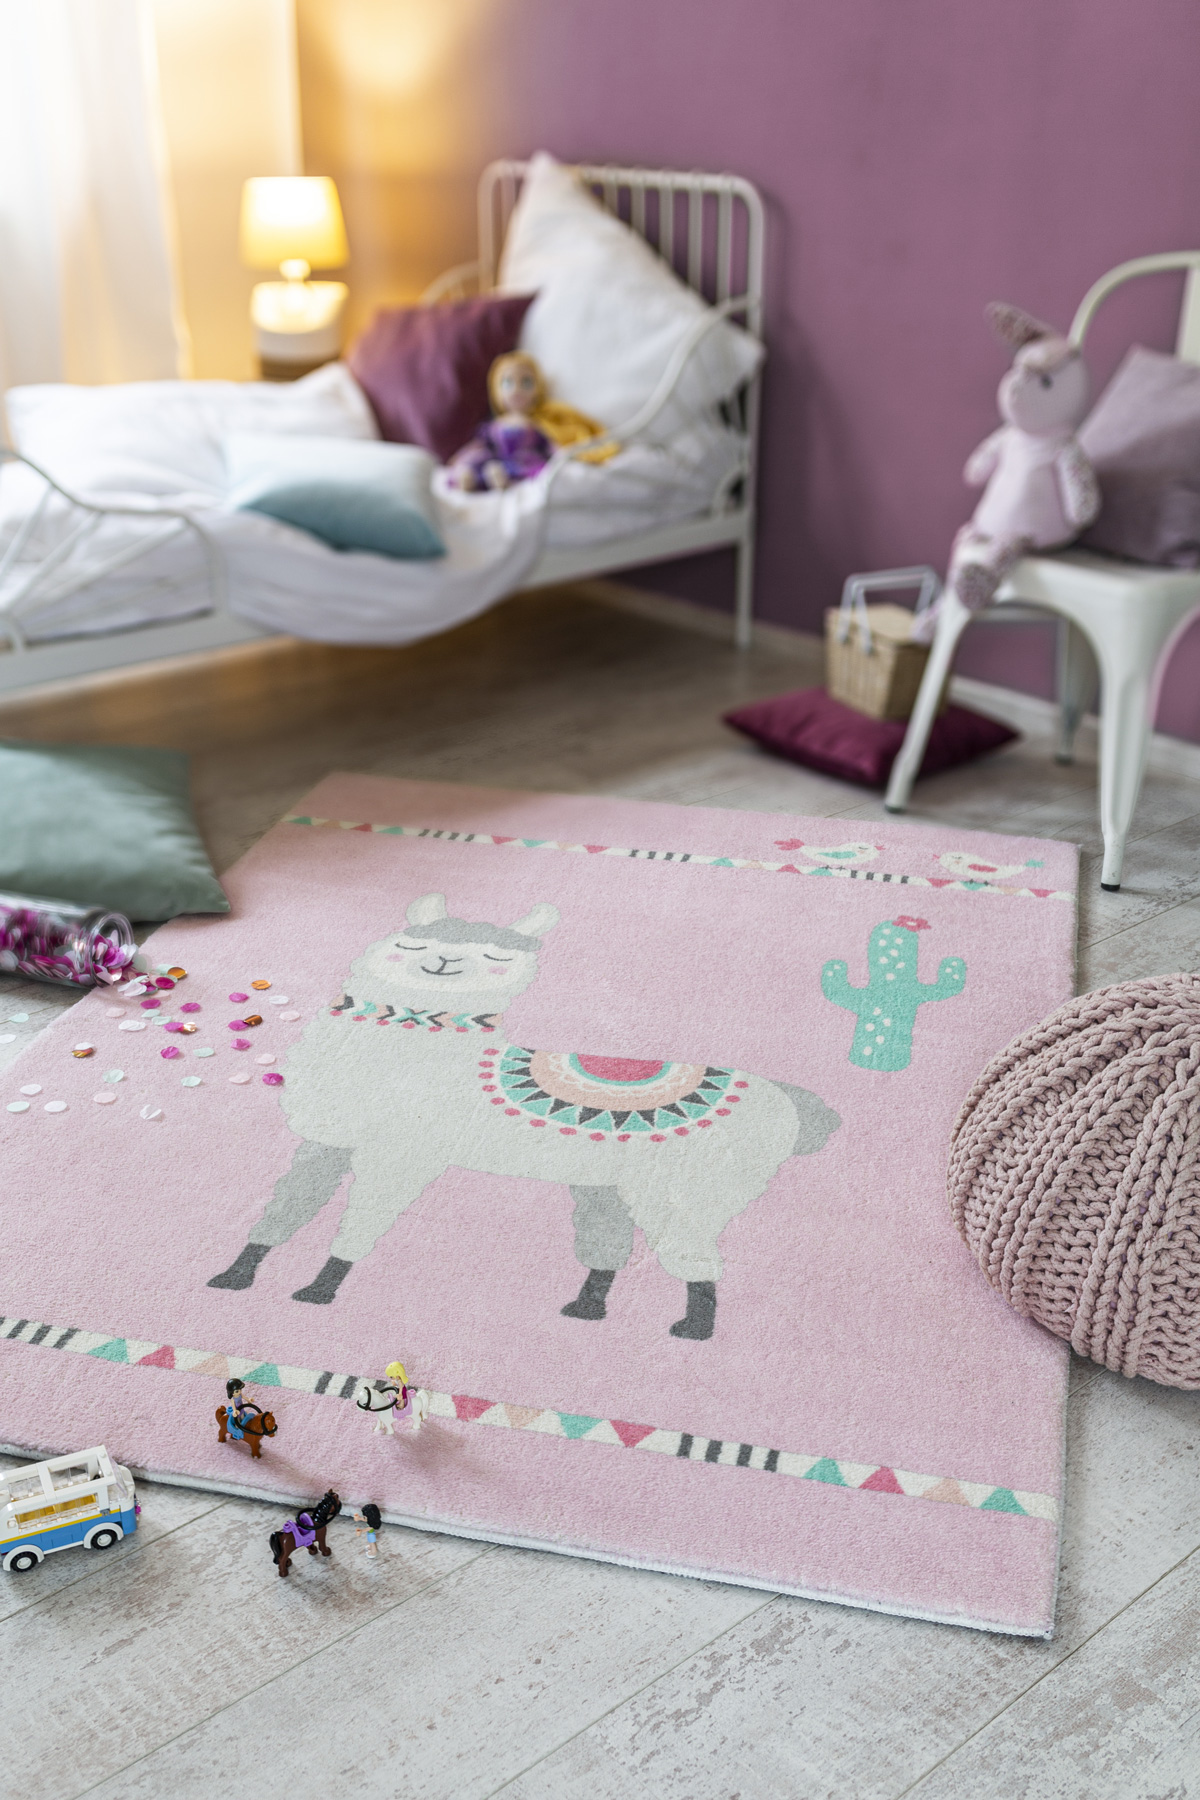 Kinderteppich Lama rosa Kinderzimmer von Reinkemeier-Rietberg